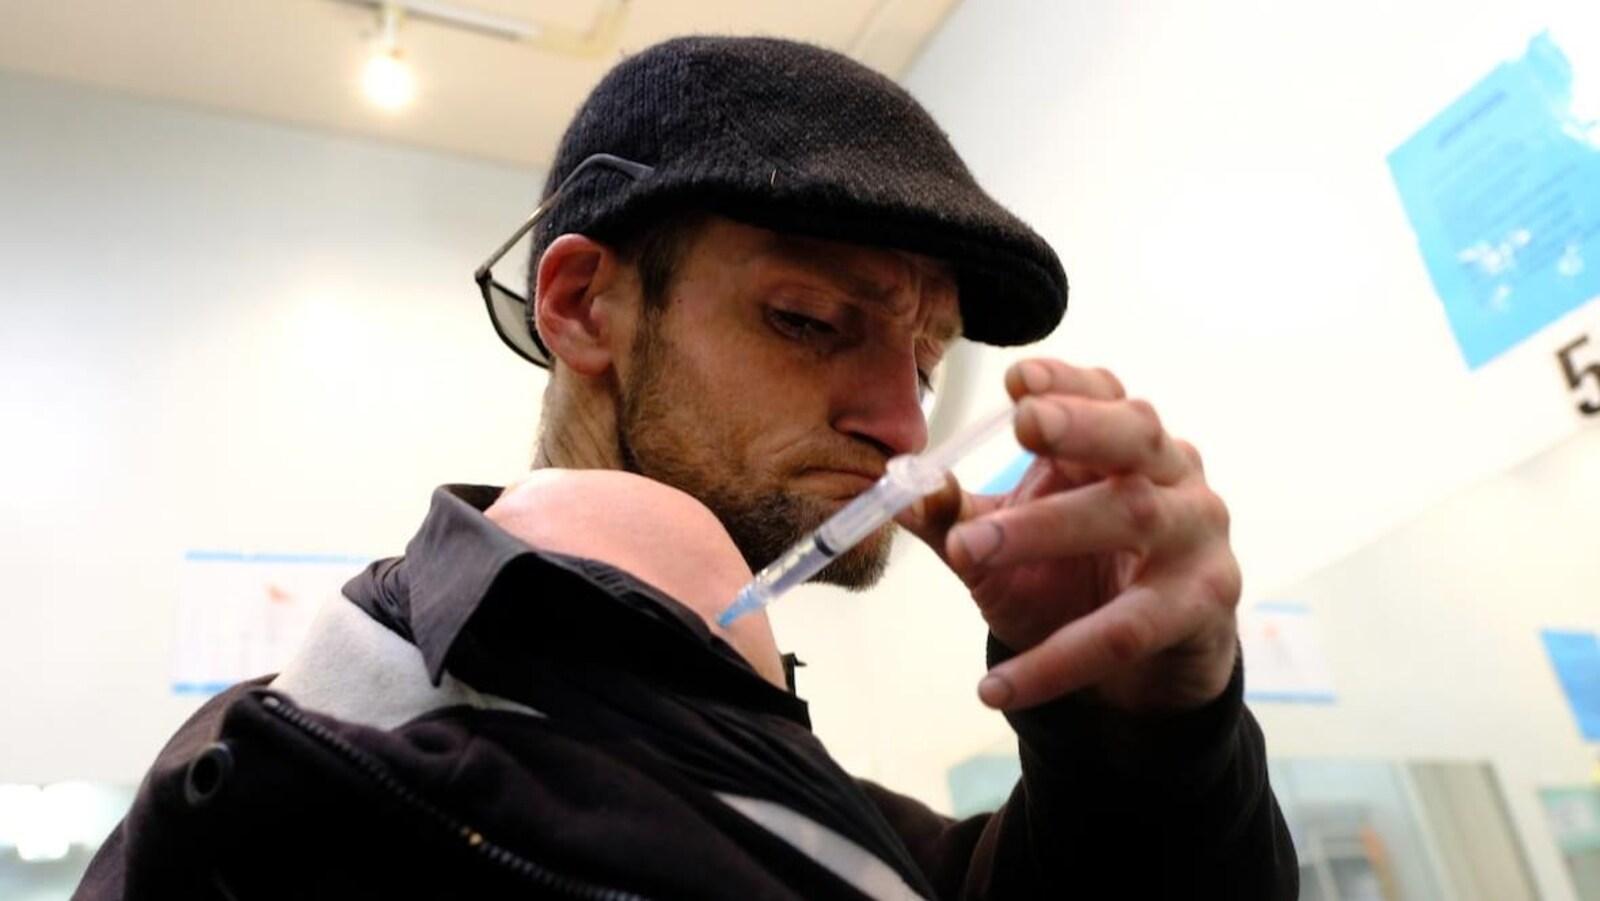 Kieran Collins s'injecte de l'héroïne dans l'épaule.